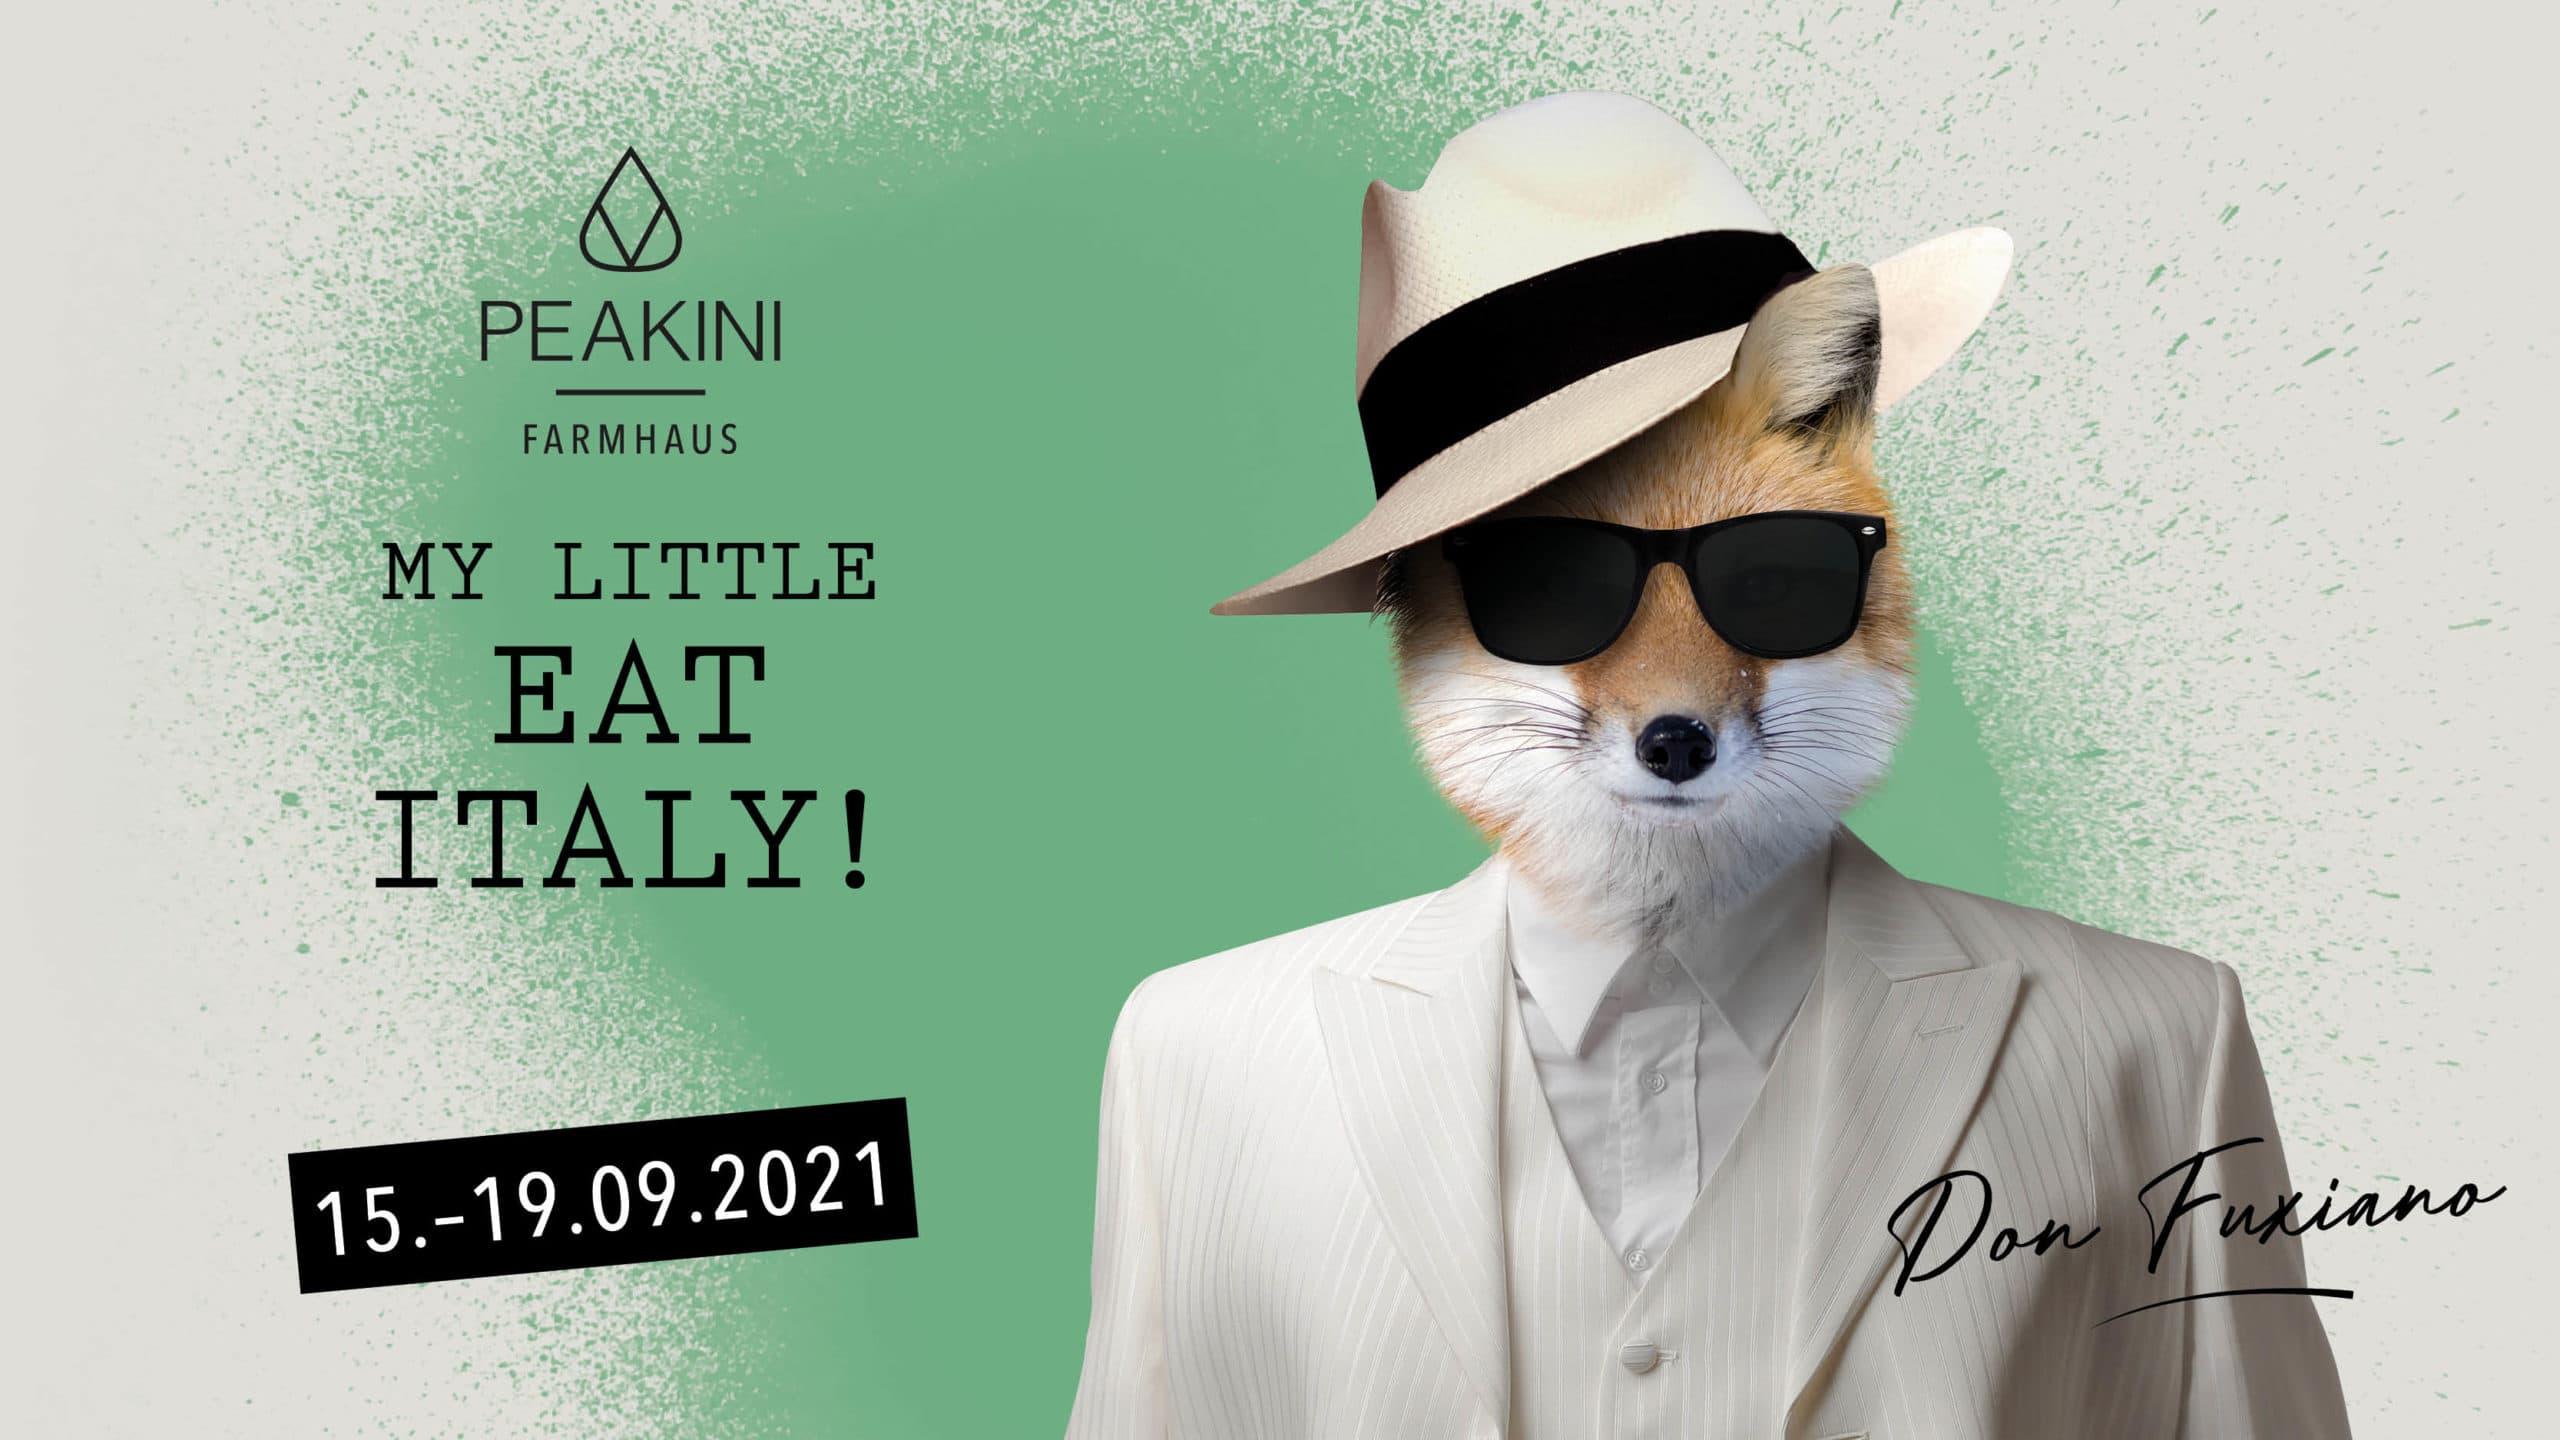 My Little Eat Italy Days Peakini Farmhaus